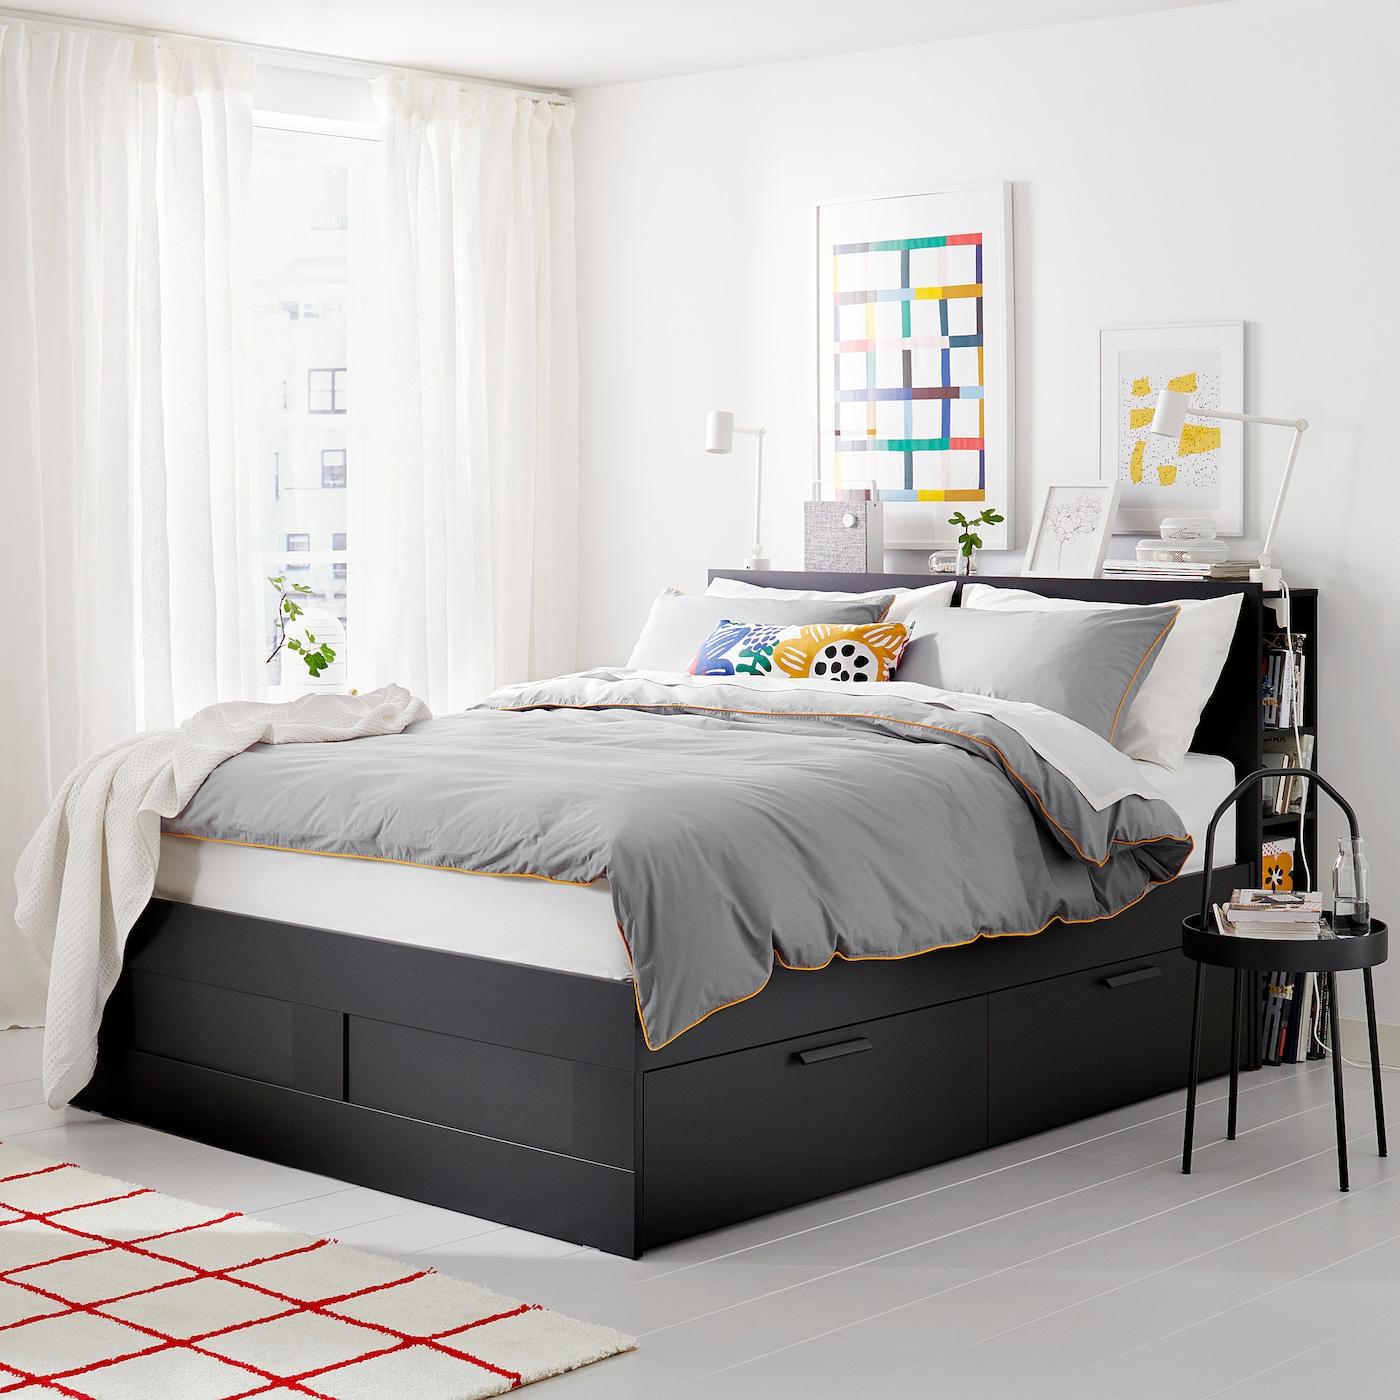 brimnes cadre de lit rangement t te de lit noir leirsund 160 x 200 cm ikea. Black Bedroom Furniture Sets. Home Design Ideas